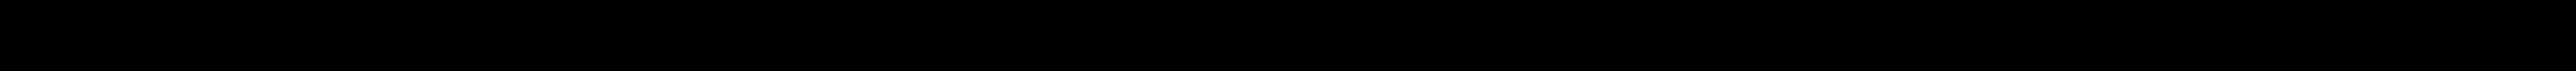 {\displaystyle {=\left[{\frac {\mathbf {P} _{\mathbf {1} }}{\mathbf {P} _{\mathbf {1} }+\mathbf {P} _{\mathbf {2} }+\mathbf {P} _{\mathbf {3} }}}\times {\frac {\mathbf {P} _{\mathbf {2} }}{\mathbf {P} _{\mathbf {2} }+\mathbf {P} _{\mathbf {3} }}}\times {\frac {\mathbf {1} }{\mathbf {P} _{\mathbf {3} }}}~+~\,\!{\frac {\mathbf {P} _{\mathbf {1} }}{\mathbf {P} _{\mathbf {1} }+\mathbf {P} _{\mathbf {2} }+\mathbf {P} _{\mathbf {3} }}}\times {\frac {\mathbf {P} _{\mathbf {3} }}{\mathbf {P} _{\mathbf {2} }+\mathbf {P} _{\mathbf {3} }}}\times {\frac {\mathbf {1} }{\mathbf {P} _{\mathbf {2} }}}~+~\,\!{\frac {\mathbf {P} _{\mathbf {2} }}{\mathbf {P} _{\mathbf {1} }+\mathbf {P} _{\mathbf {2} }+\mathbf {P} _{\mathbf {3} }}}\times {\frac {\mathbf {P} _{\mathbf {1} }}{\mathbf {P} _{\mathbf {1} }+\mathbf {P} _{\mathbf {3} }}}\times {\frac {\mathbf {1} }{\mathbf {P} _{\mathbf {3} }}}~+~\,\!{\frac {\mathbf {P} _{\mathbf {2} }}{\mathbf {P} _{\mathbf {1} }+\mathbf {P} _{\mathbf {2} }+\mathbf {P} _{\mathbf {3} }}}\times {\frac {\mathbf {P} _{\mathbf {3} }}{\mathbf {P} _{\mathbf {1} }+\mathbf {P} _{\mathbf {3} }}}\times {\frac {\mathbf {1} }{\mathbf {P} _{\mathbf {1} }}}~+~\,\!{\frac {\mathbf {P} _{\mathbf {3} }}{\mathbf {P} _{\mathbf {1} }+\mathbf {P} _{\mathbf {2} }+\mathbf {P} _{\mathbf {3} }}}\times {\frac {\mathbf {P} _{\mathbf {1} }}{\mathbf {P} _{\mathbf {1} }+\mathbf {P} _{\mathbf {2} }}}\times {\frac {\mathbf {1} }{\mathbf {P} _{\mathbf {2} }}}~+~\,\!{\frac {\mathbf {P} _{\mathbf {3} }}{\mathbf {P} _{\mathbf {1} }+\mathbf {P} _{\mathbf {2} }+\mathbf {P} _{\mathbf {3} }}}\times {\frac {\mathbf {P} _{\mathbf {2} }}{\mathbf {P} _{\mathbf {1} }+\mathbf {P} _{\mathbf {2} }}}\times {\frac {\mathbf {1} }{\mathbf {P} _{\mathbf {1} }}}\right]^{-1}\,\!}}